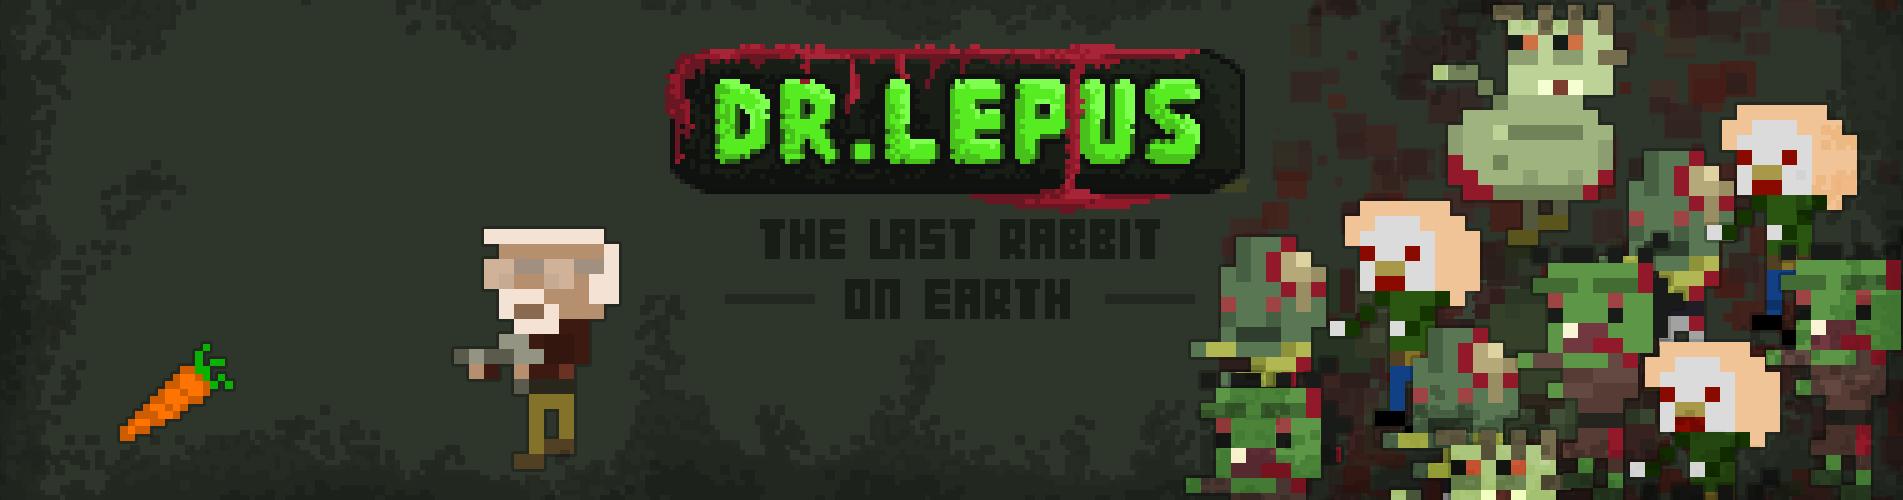 DR.LEPUS Title Image (Banner)